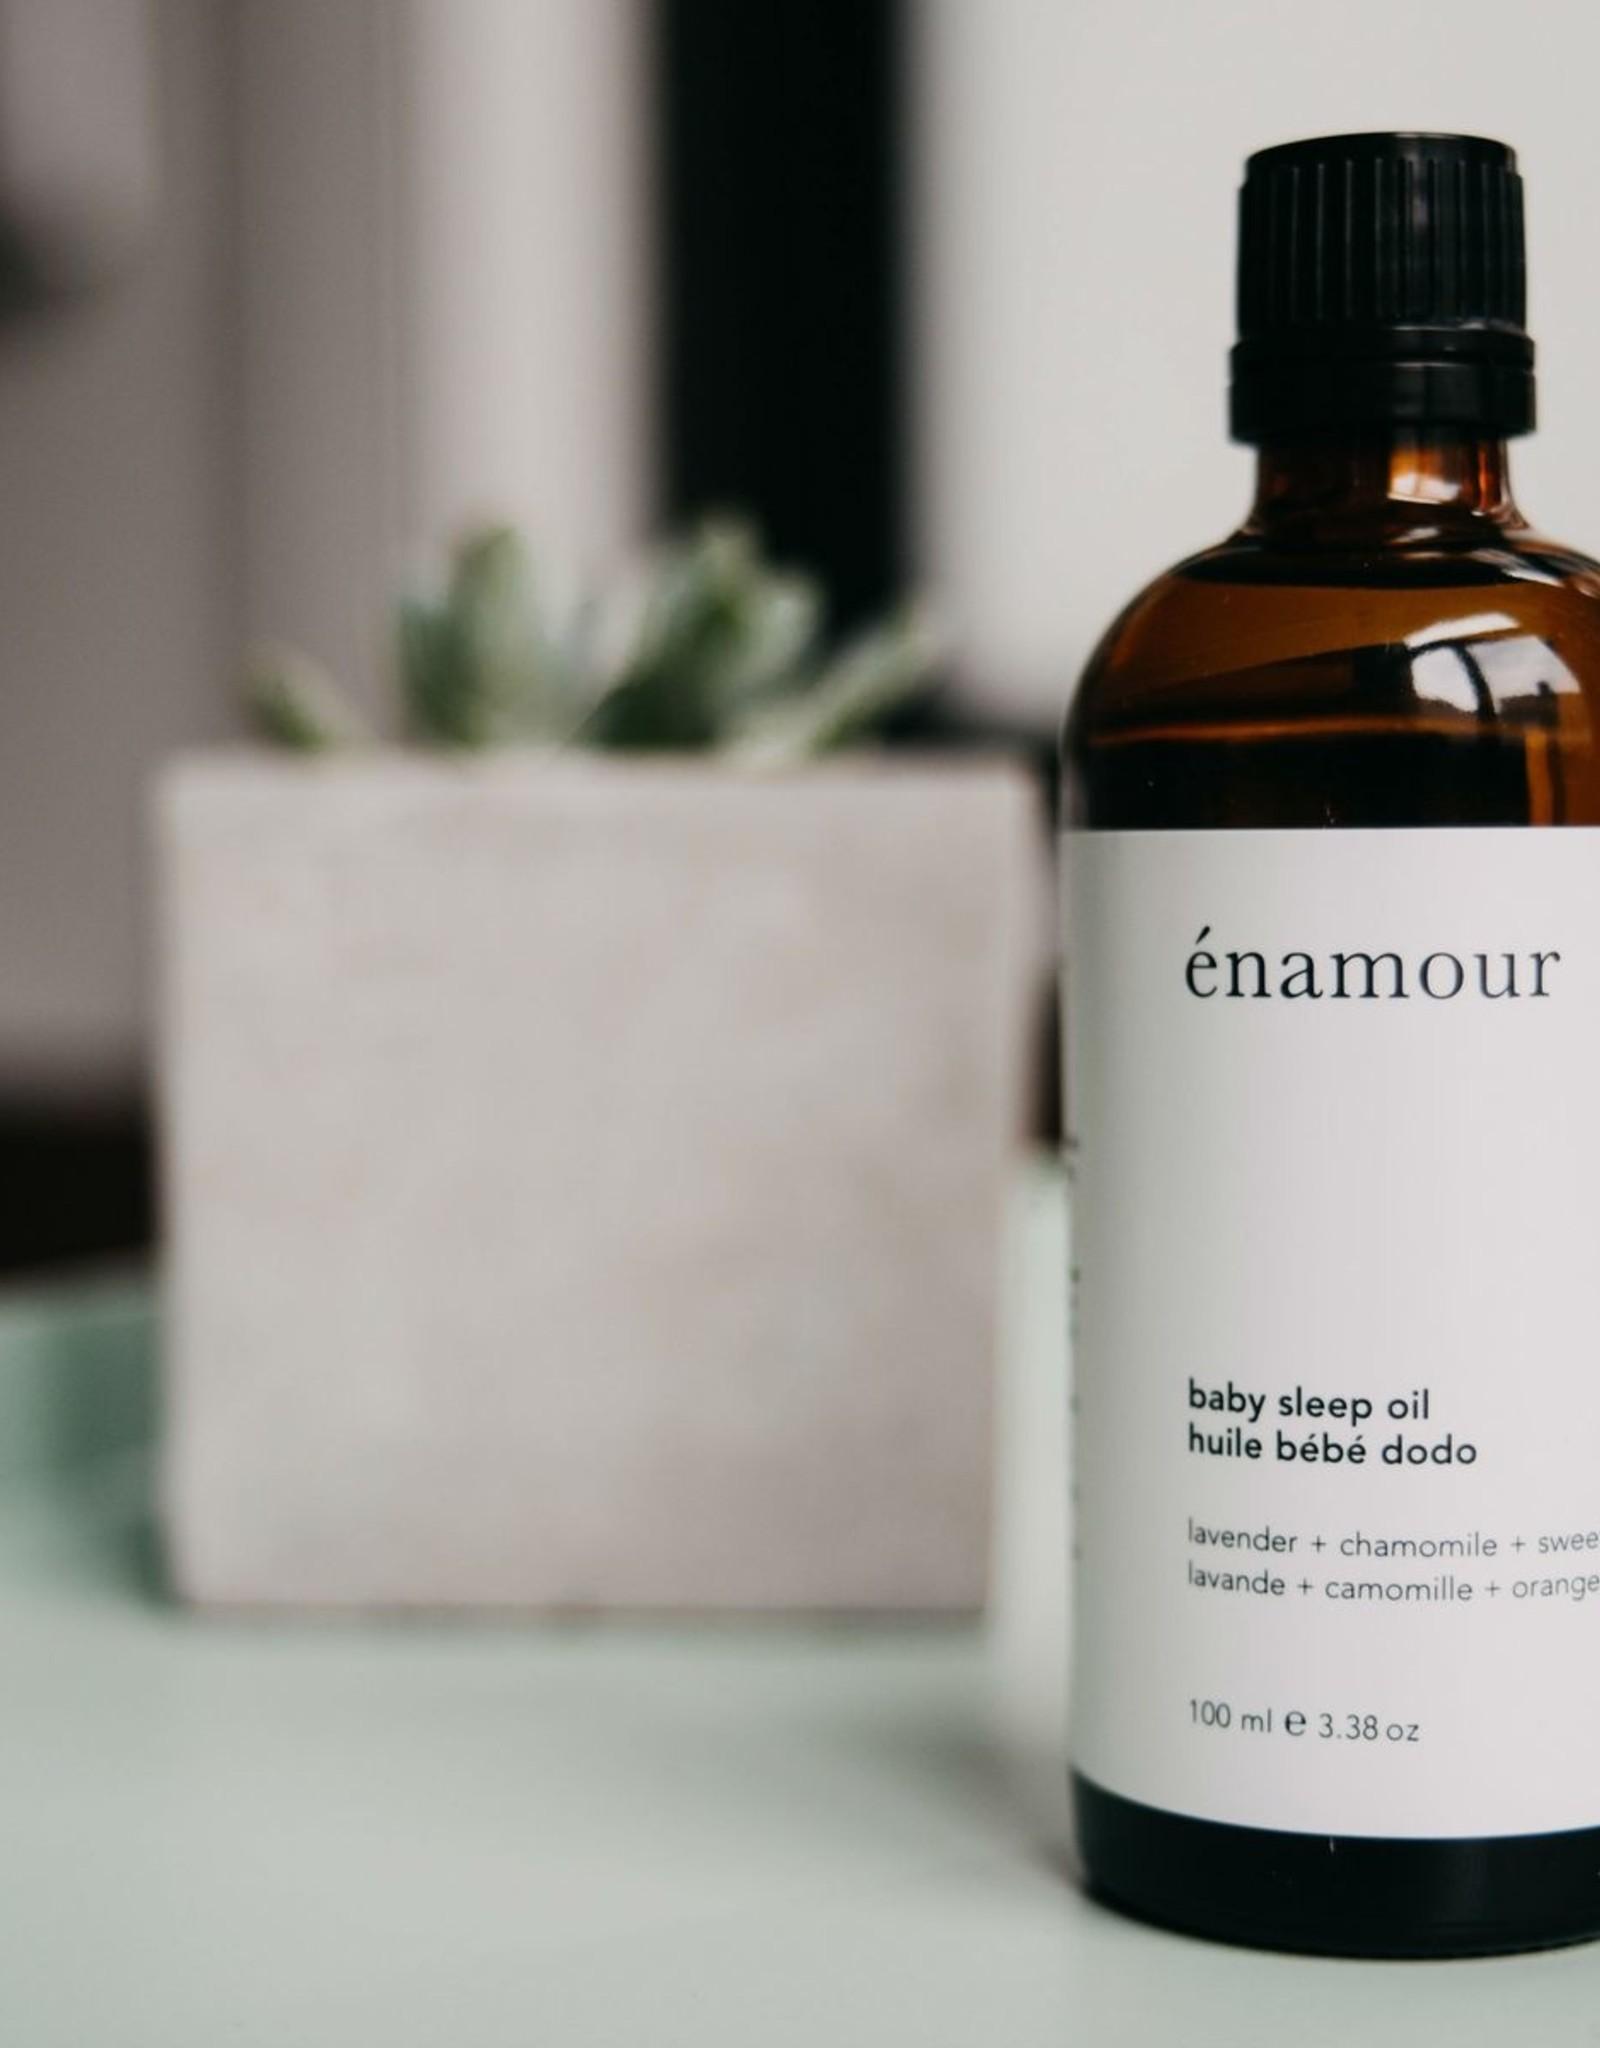 énamour Baby sleep oil